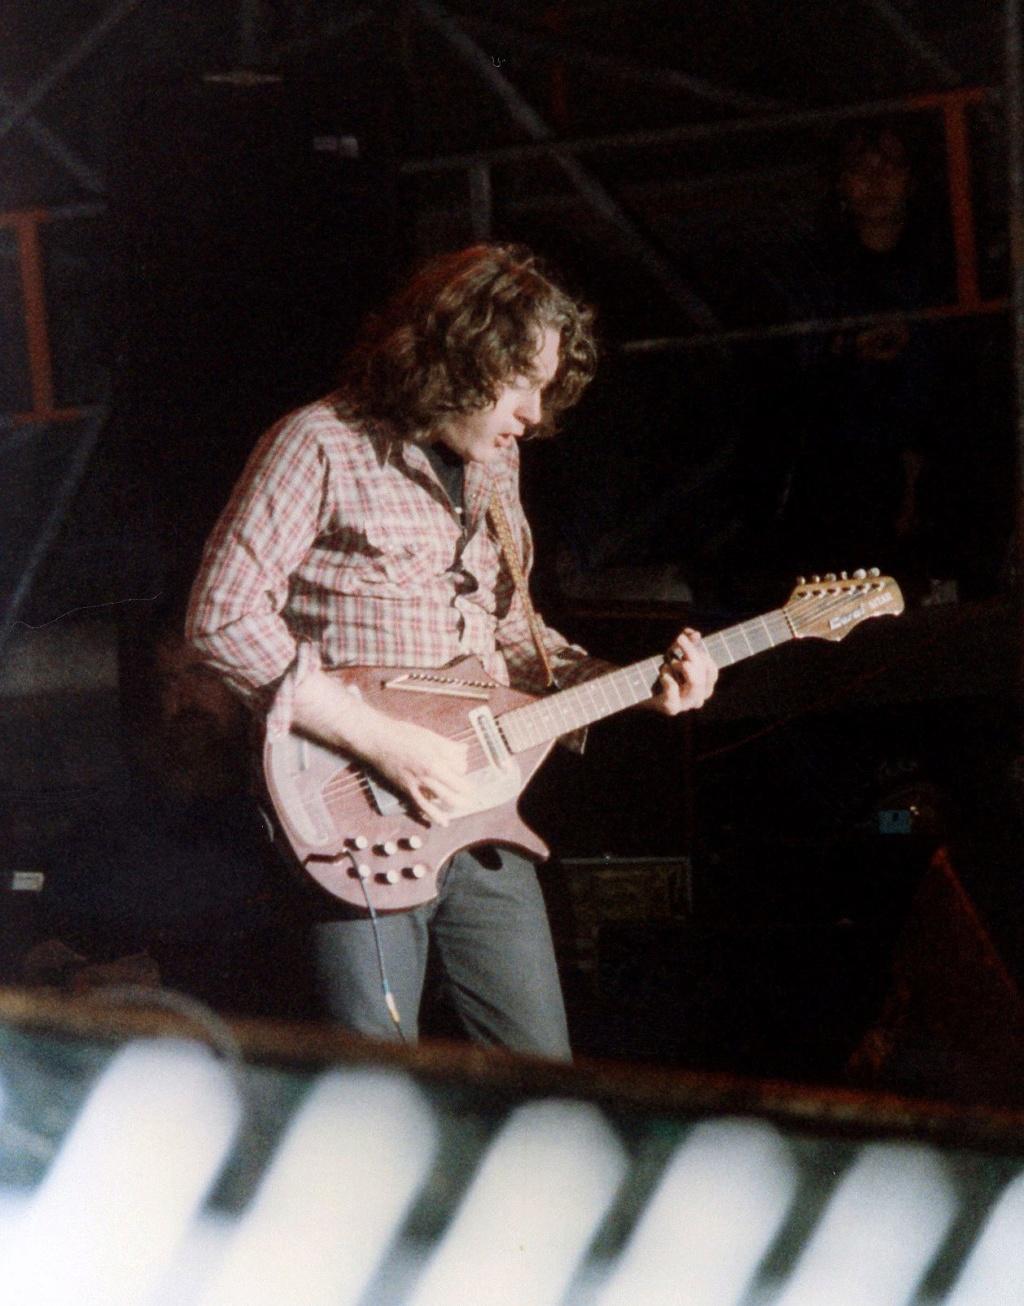 Guitares électriques - Page 12 Rory23